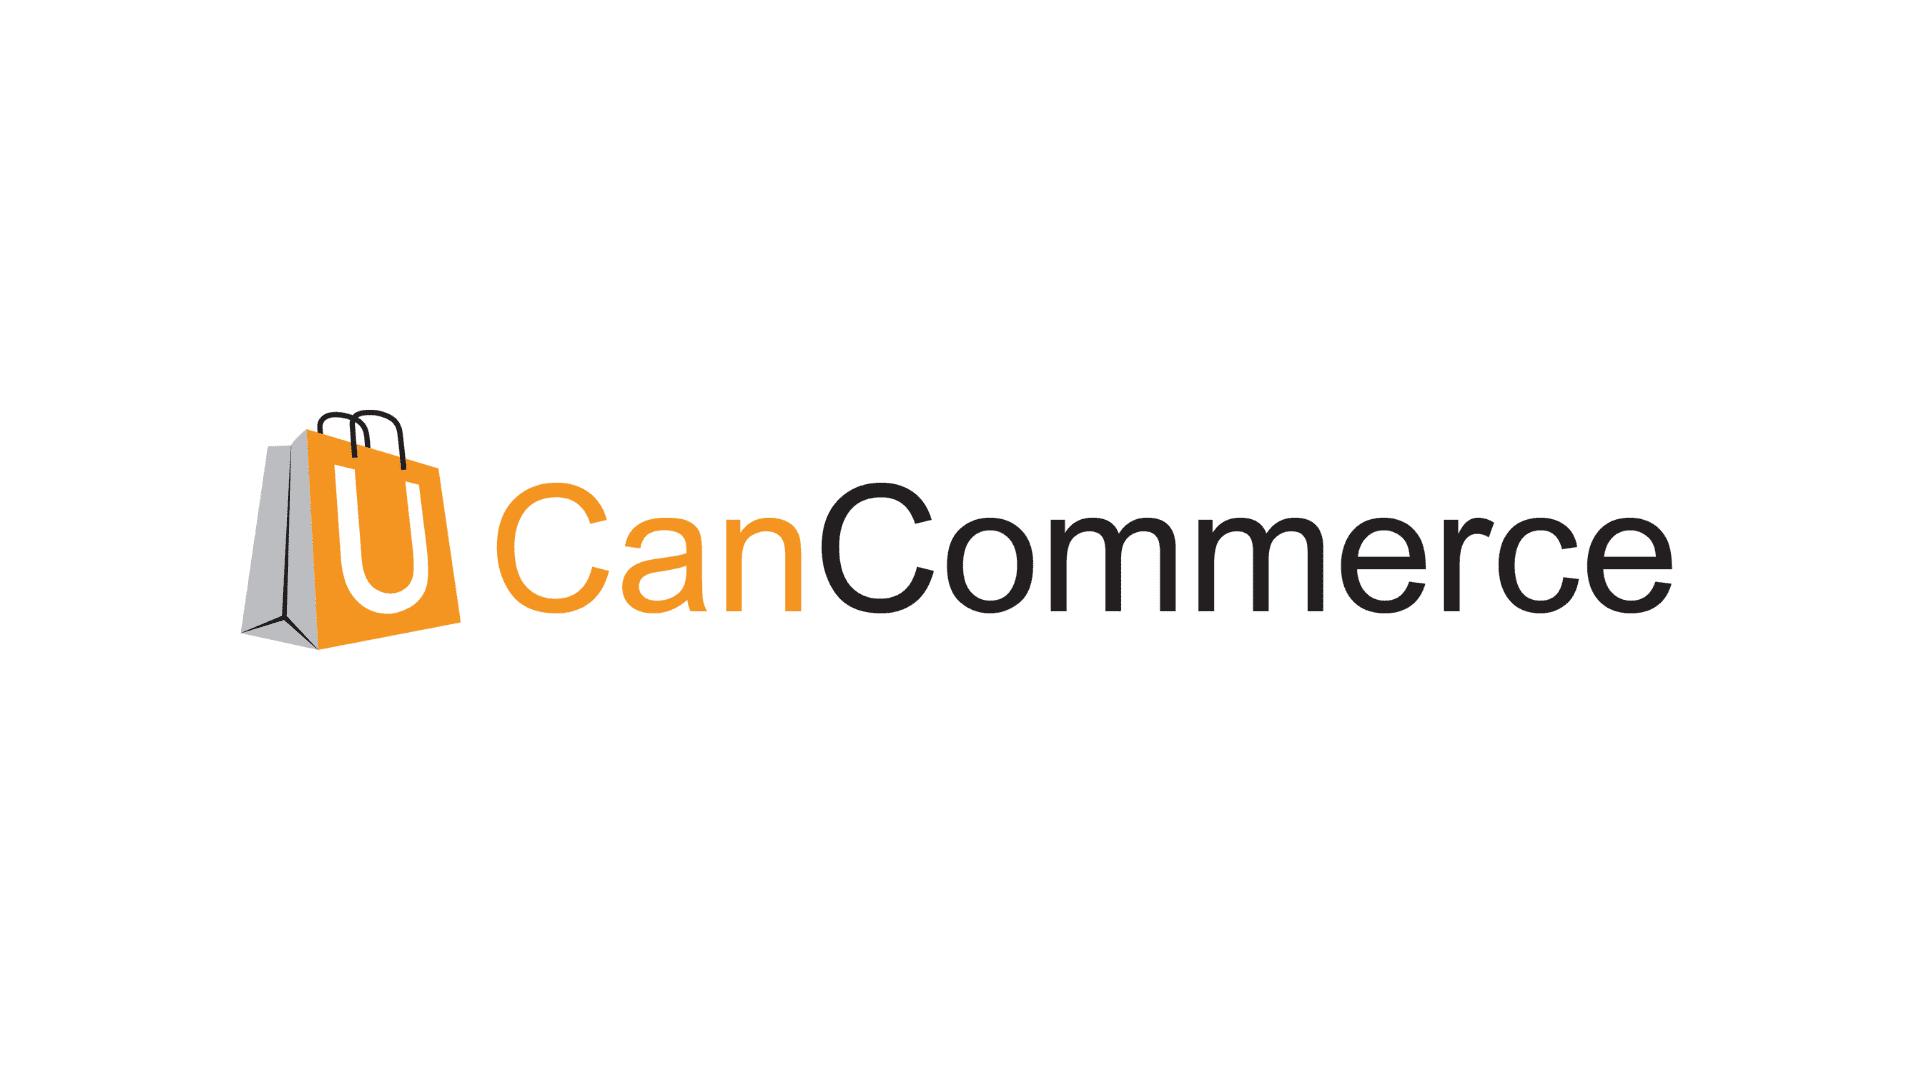 uCanCommerce nową firmą zrzeszoną w e-Izbie